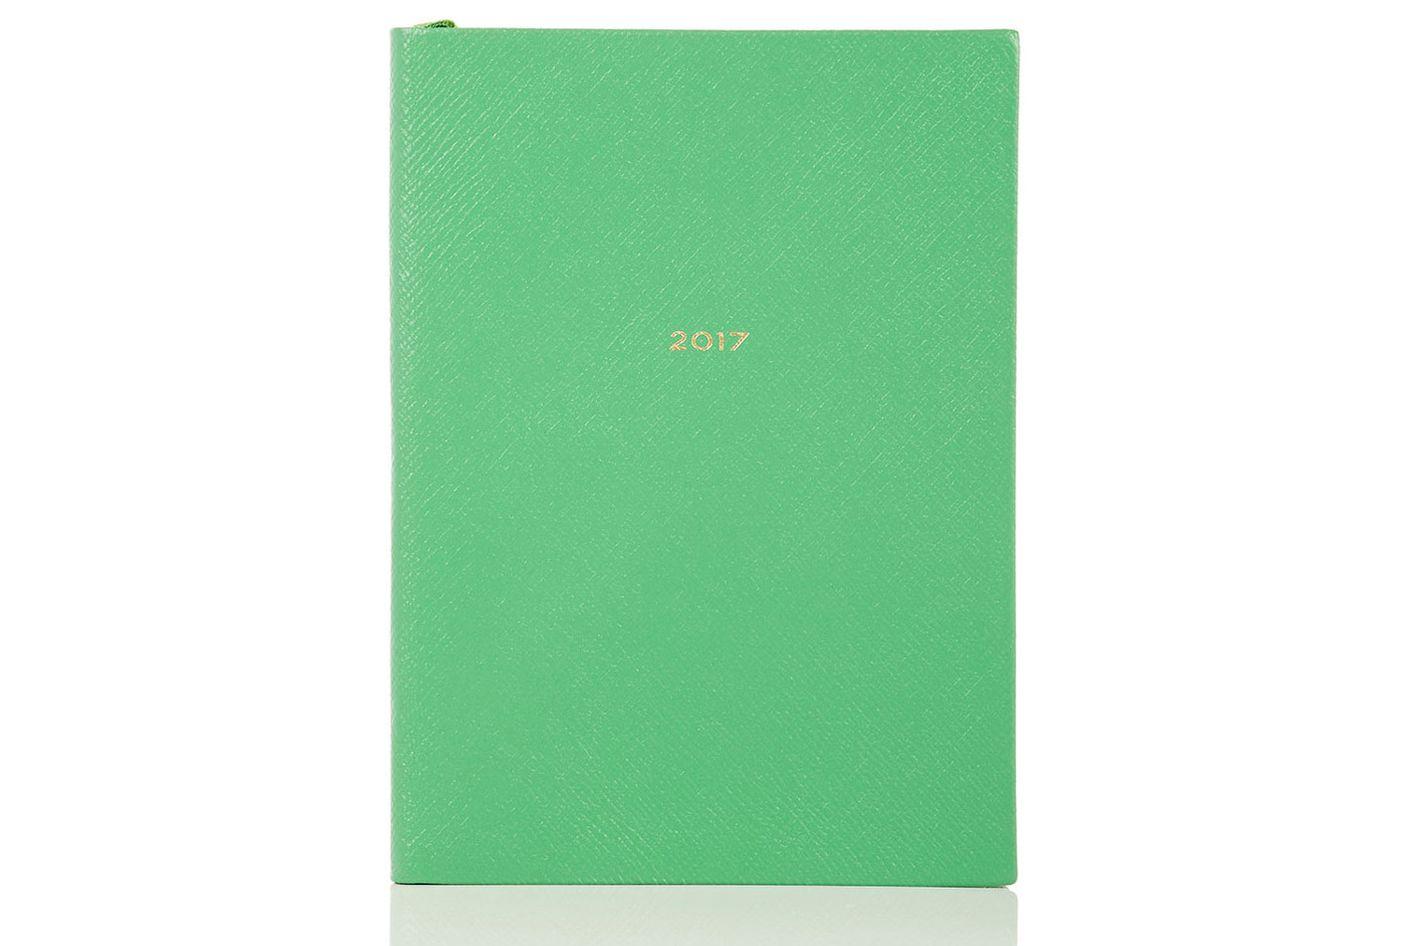 Smythson Saffiano Leather 2017 Soho Diary